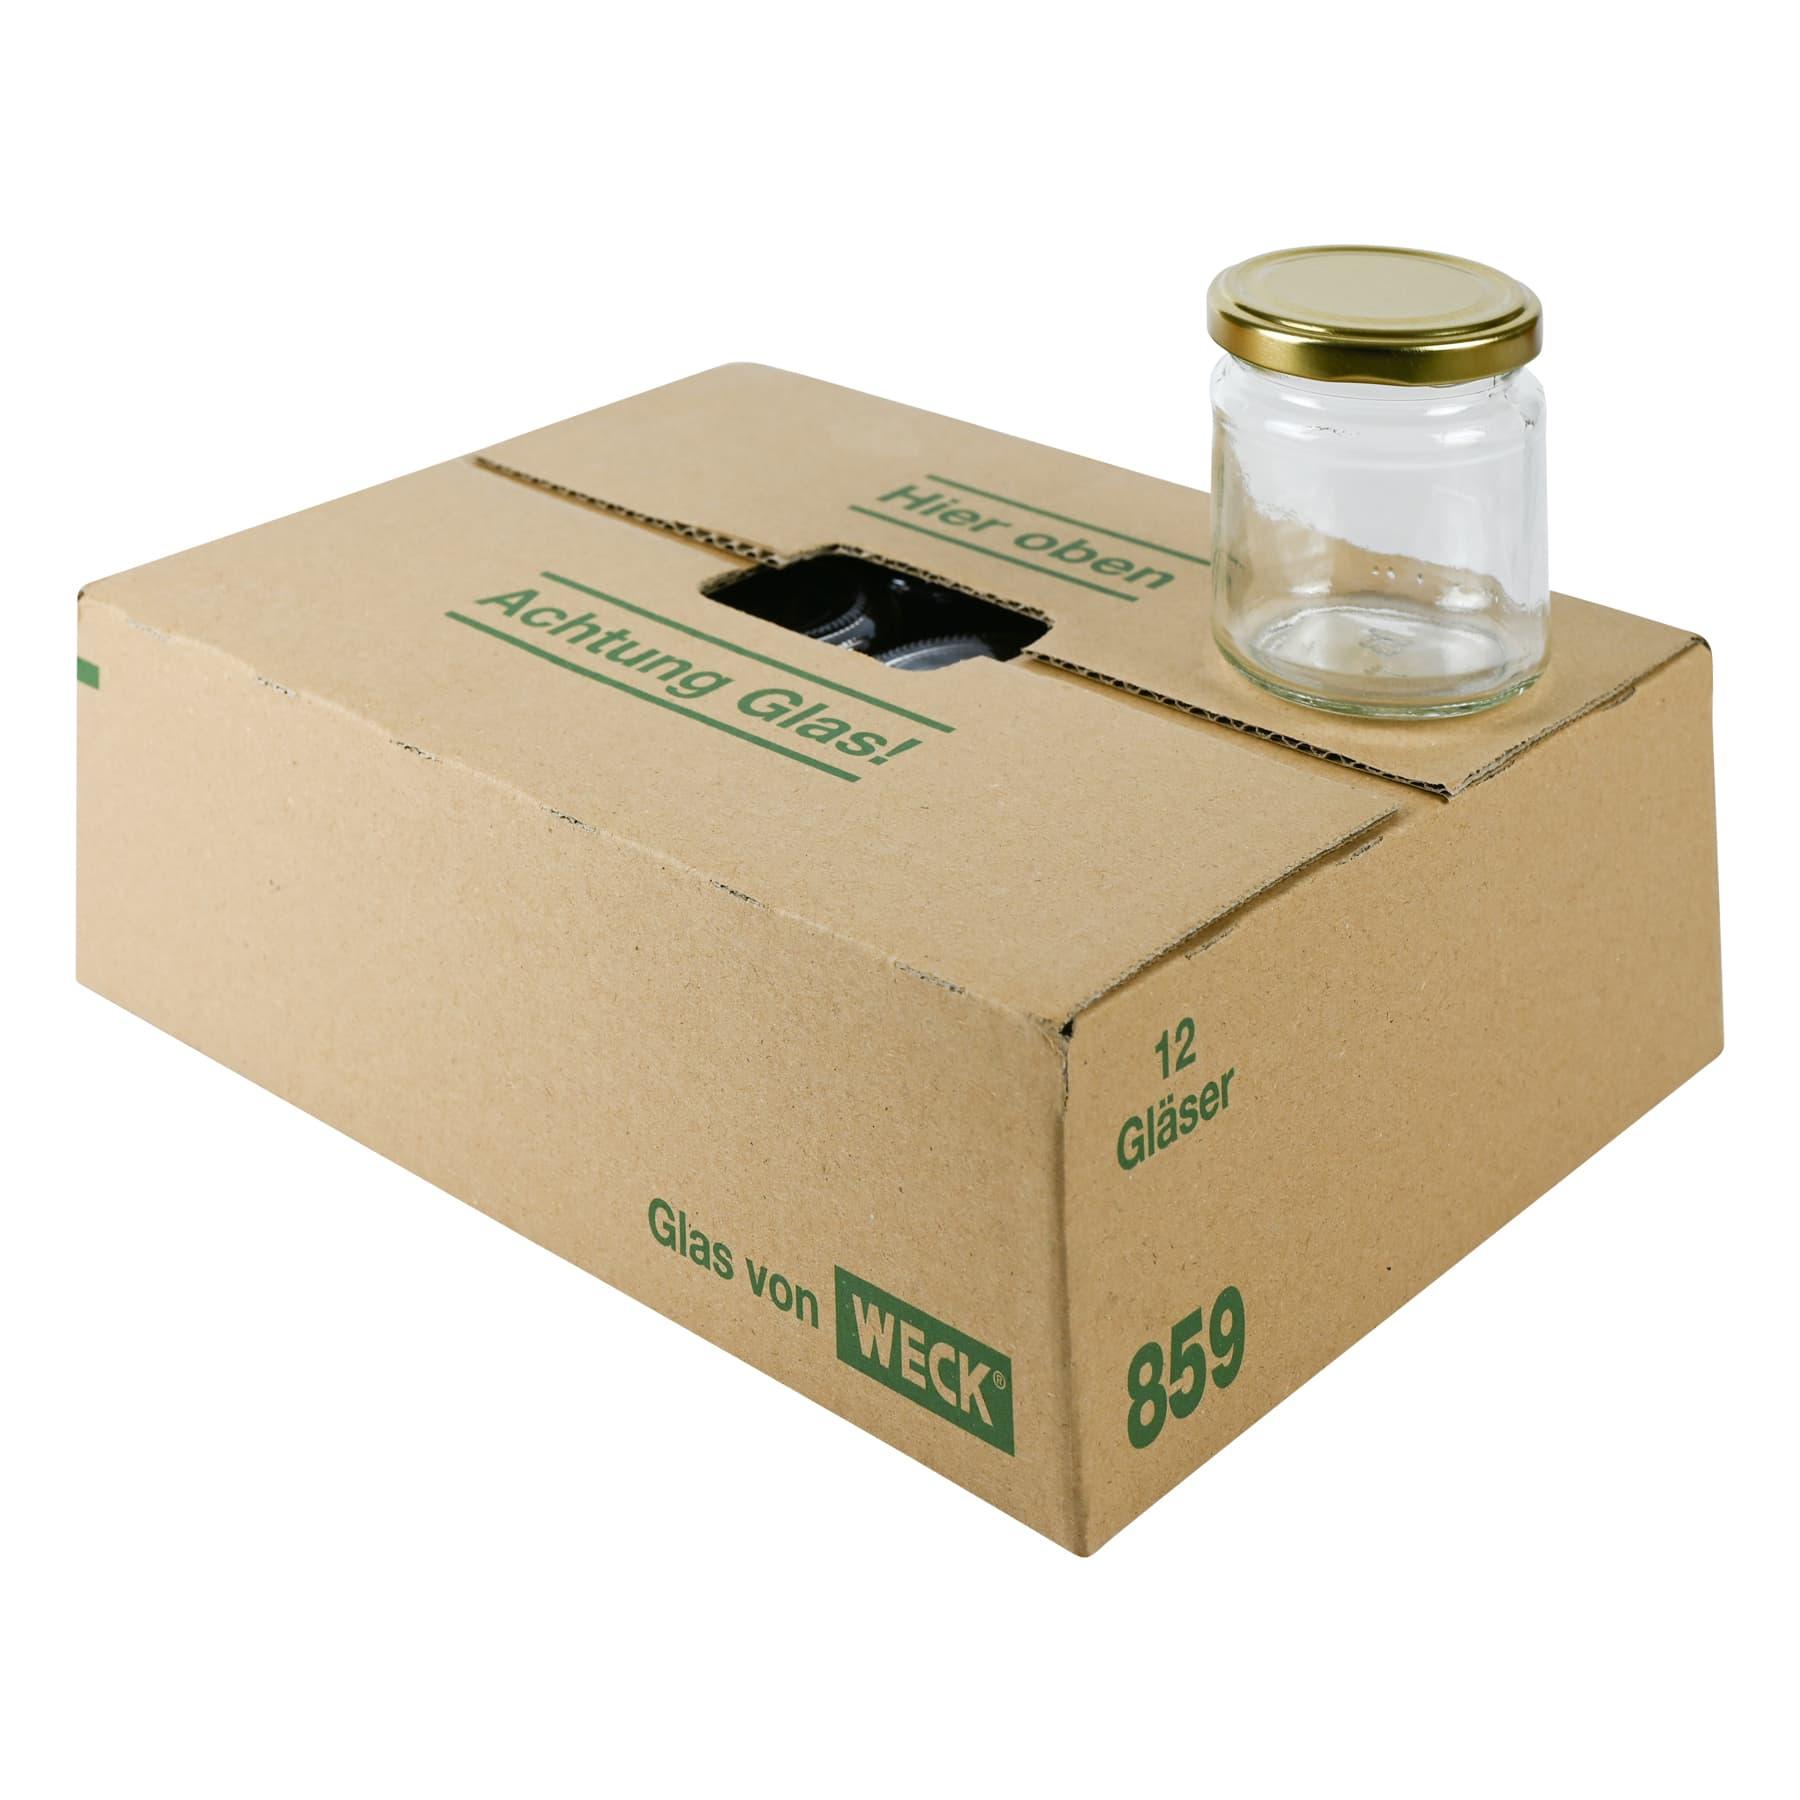 Rundglas 250 g (212 ml), mit T0 Deckel gold 66mm in Karton Weckglas 859 nur Selbstabholung